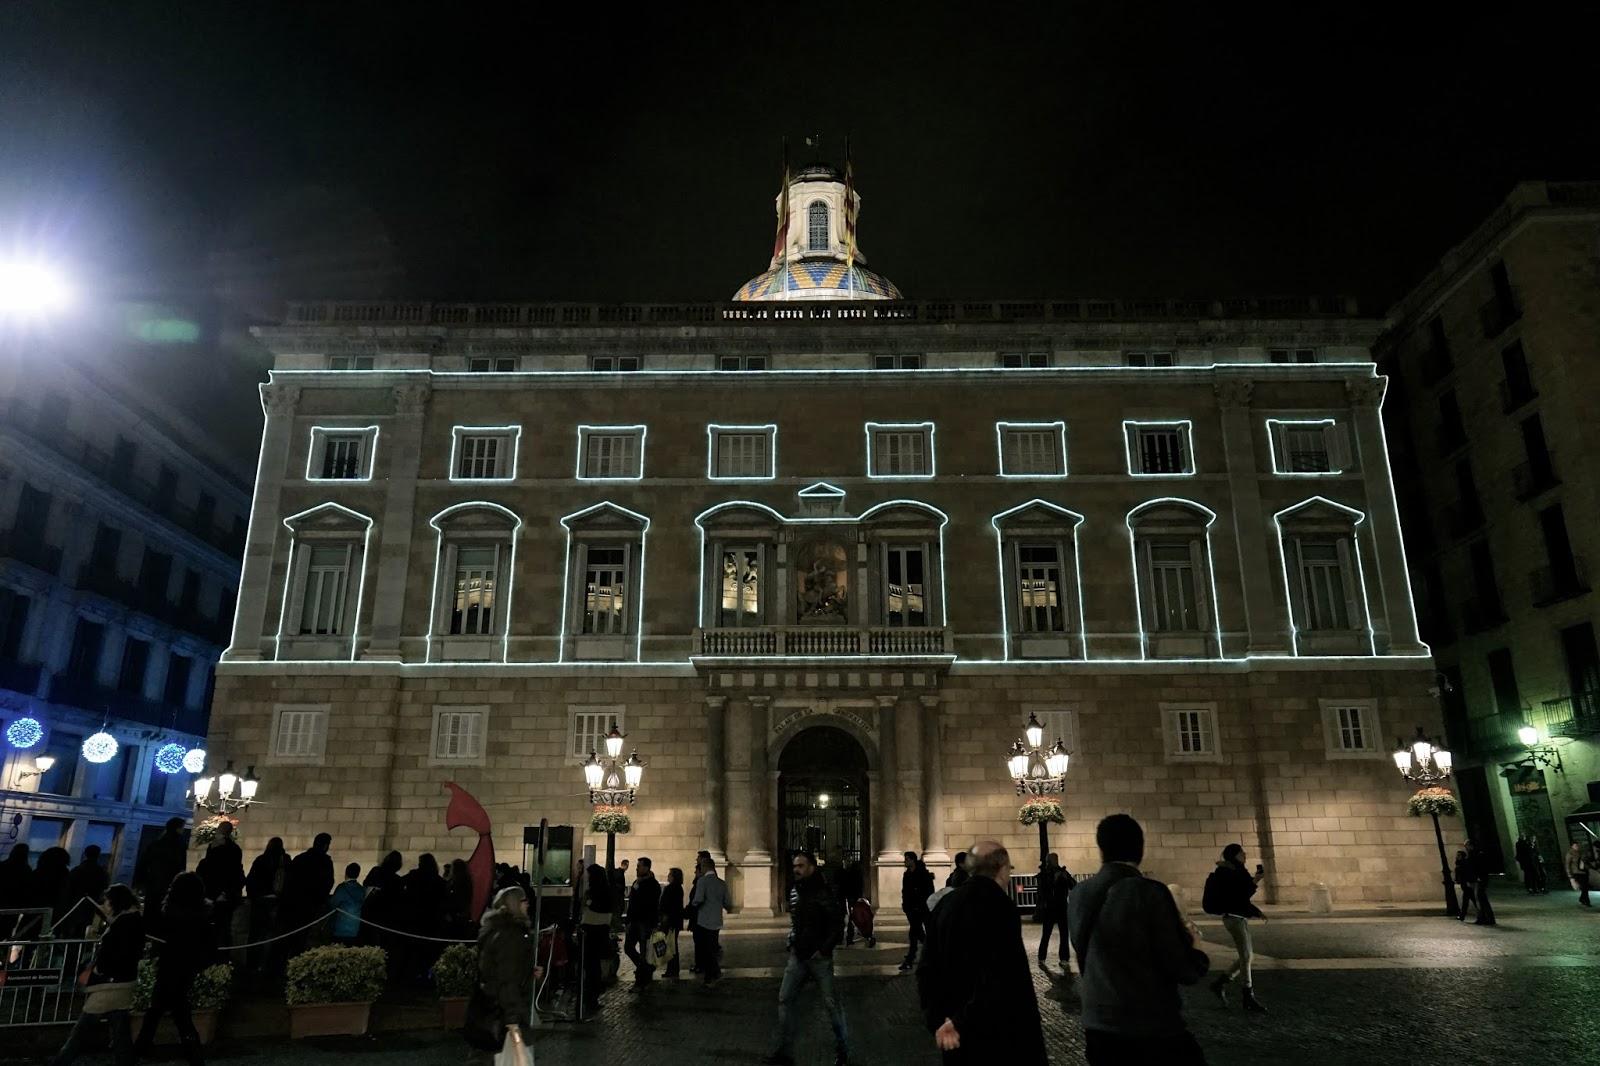 カタルーニャ自治州庁舎